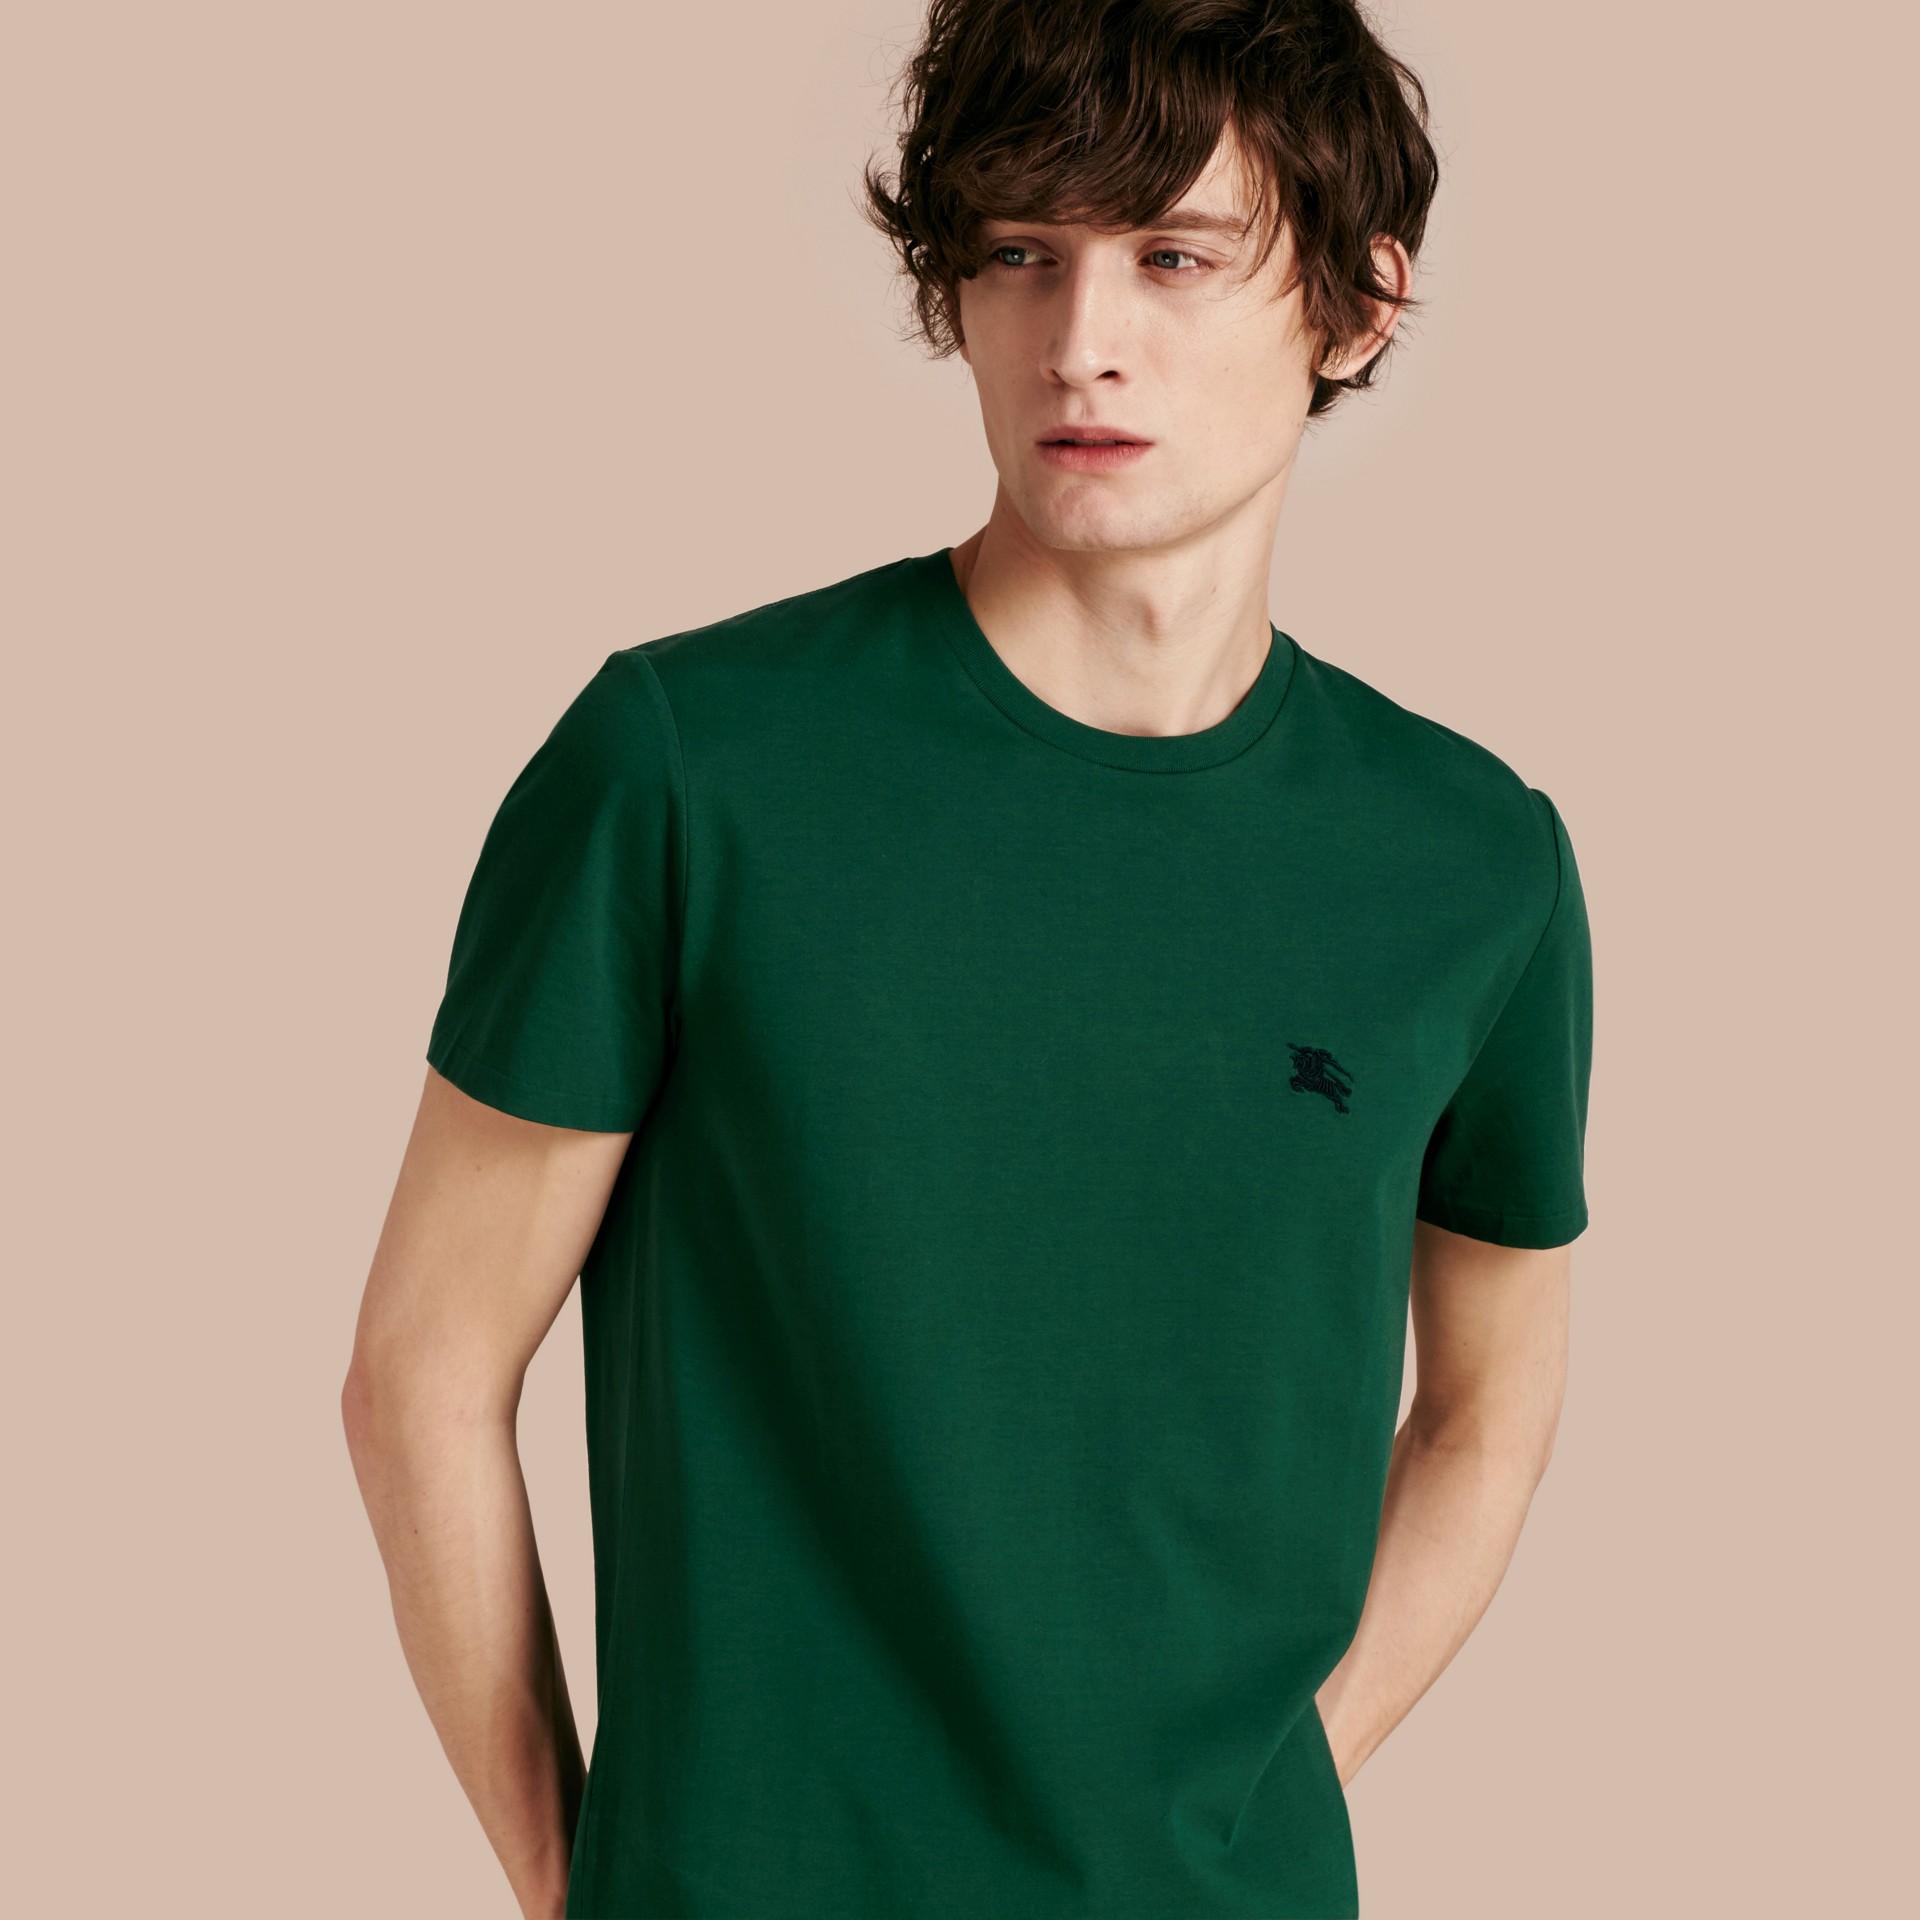 Vert racing T-shirt en coton ultra-doux Vert Racing - photo de la galerie 1